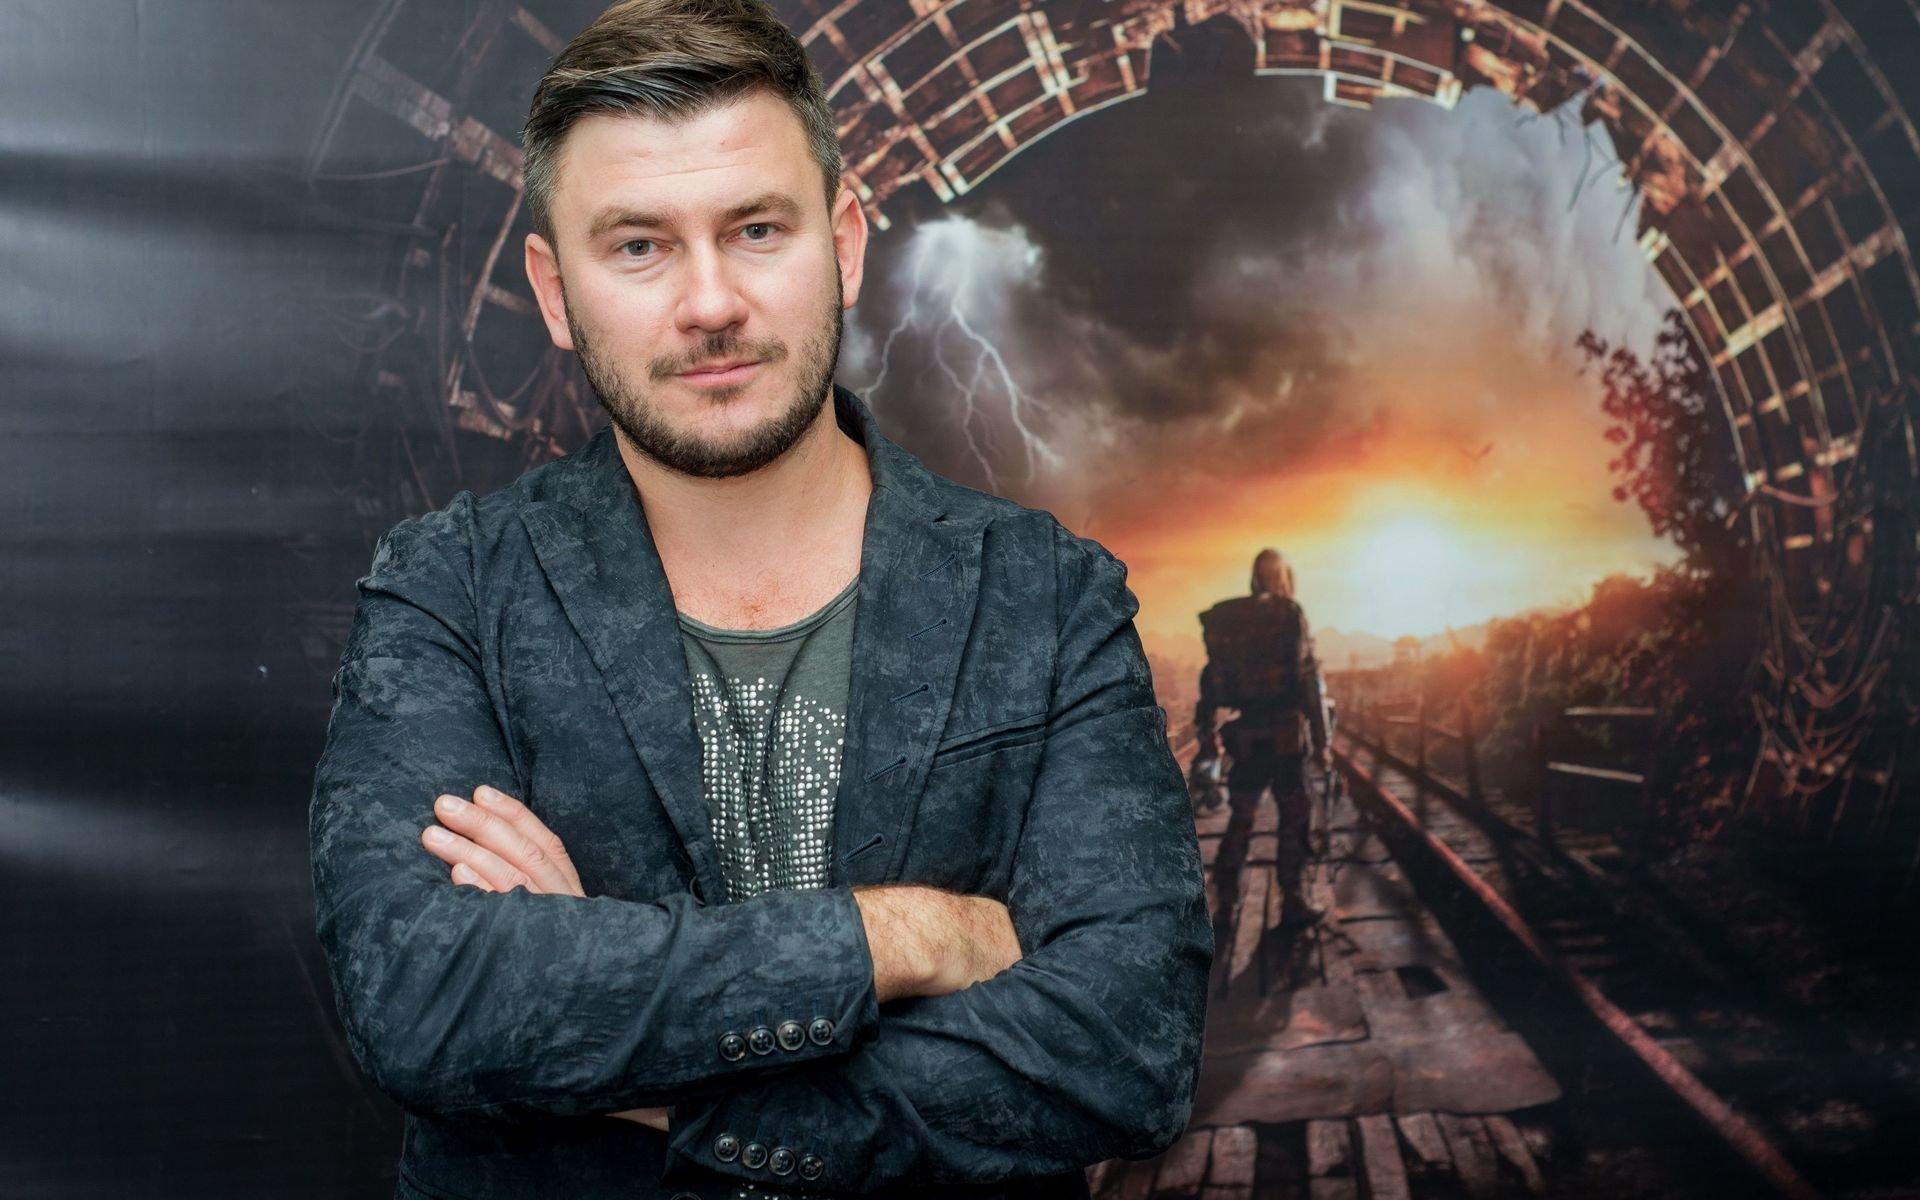 Дмитрий Глуховский может лично написать сценарий к фильму «Метро 2033»!